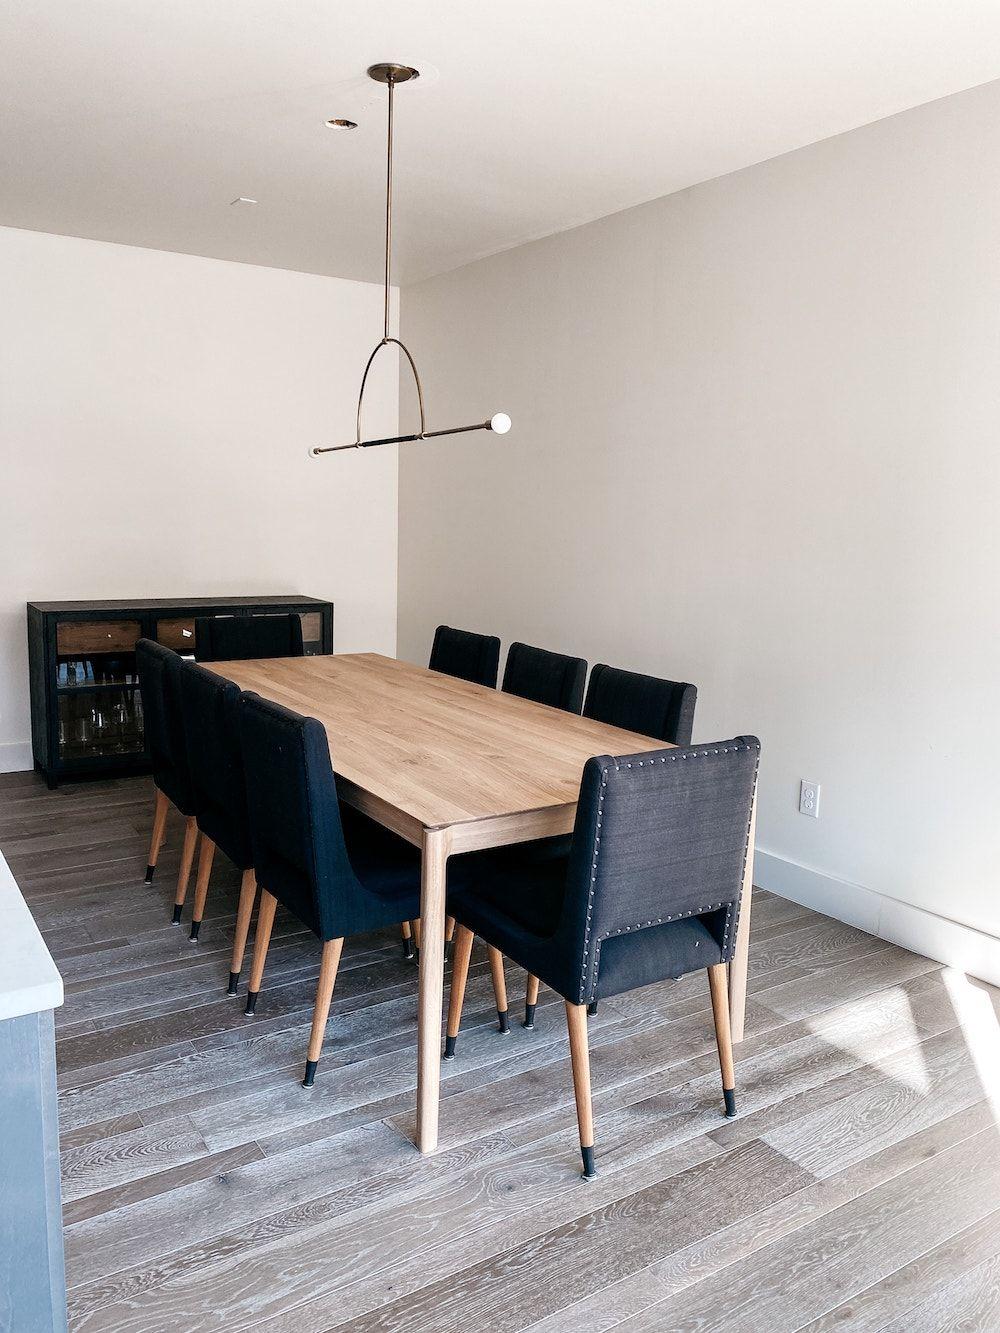 Decorate A Room Online: Denver Dining Room Progress Update